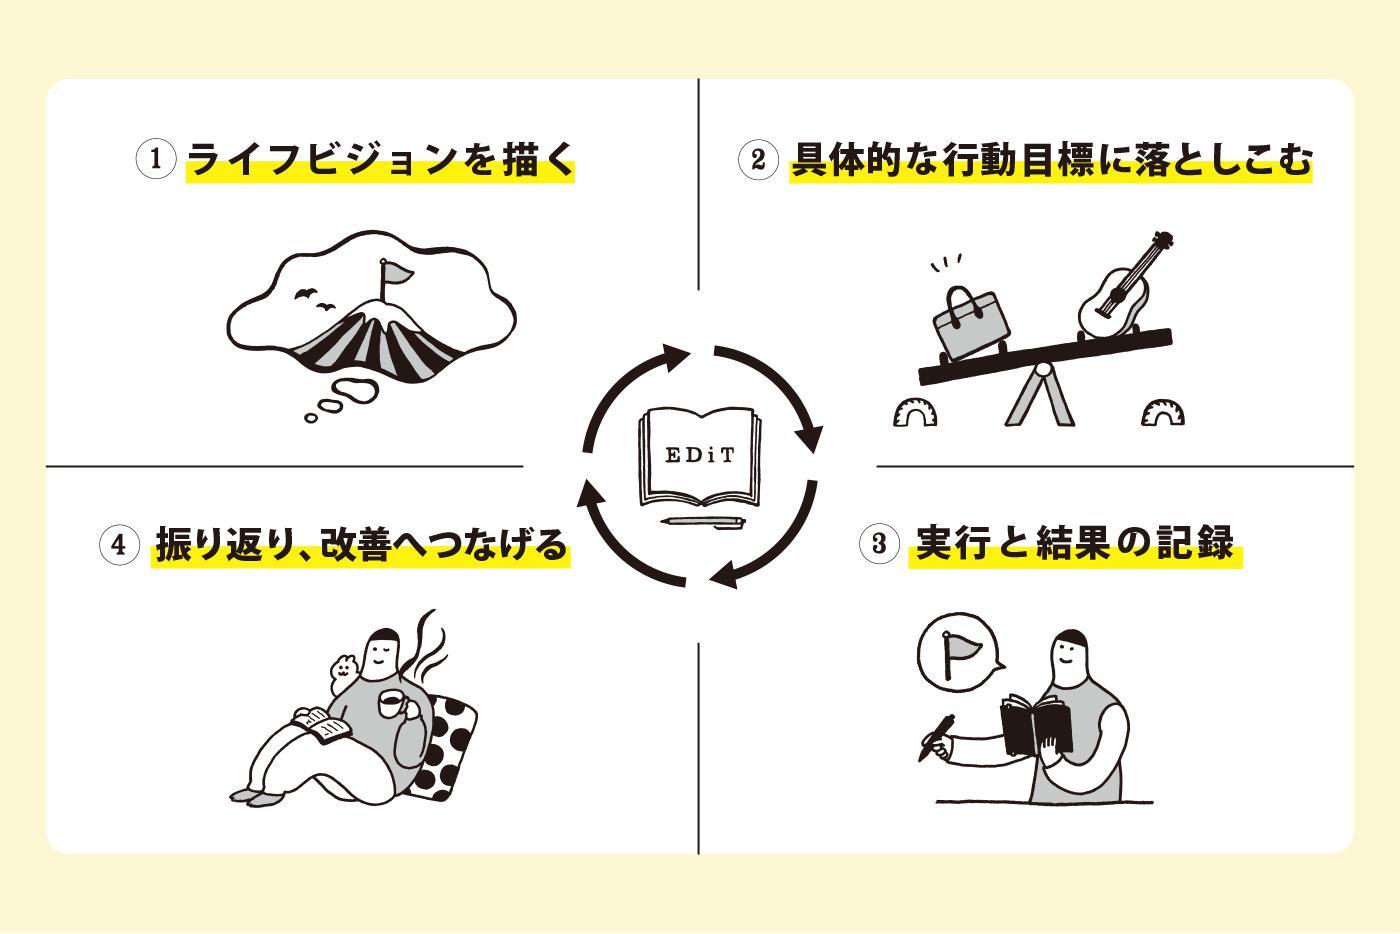 「ビジョン→行動→振り返り」のPDCAサイクルを説明したイラスト